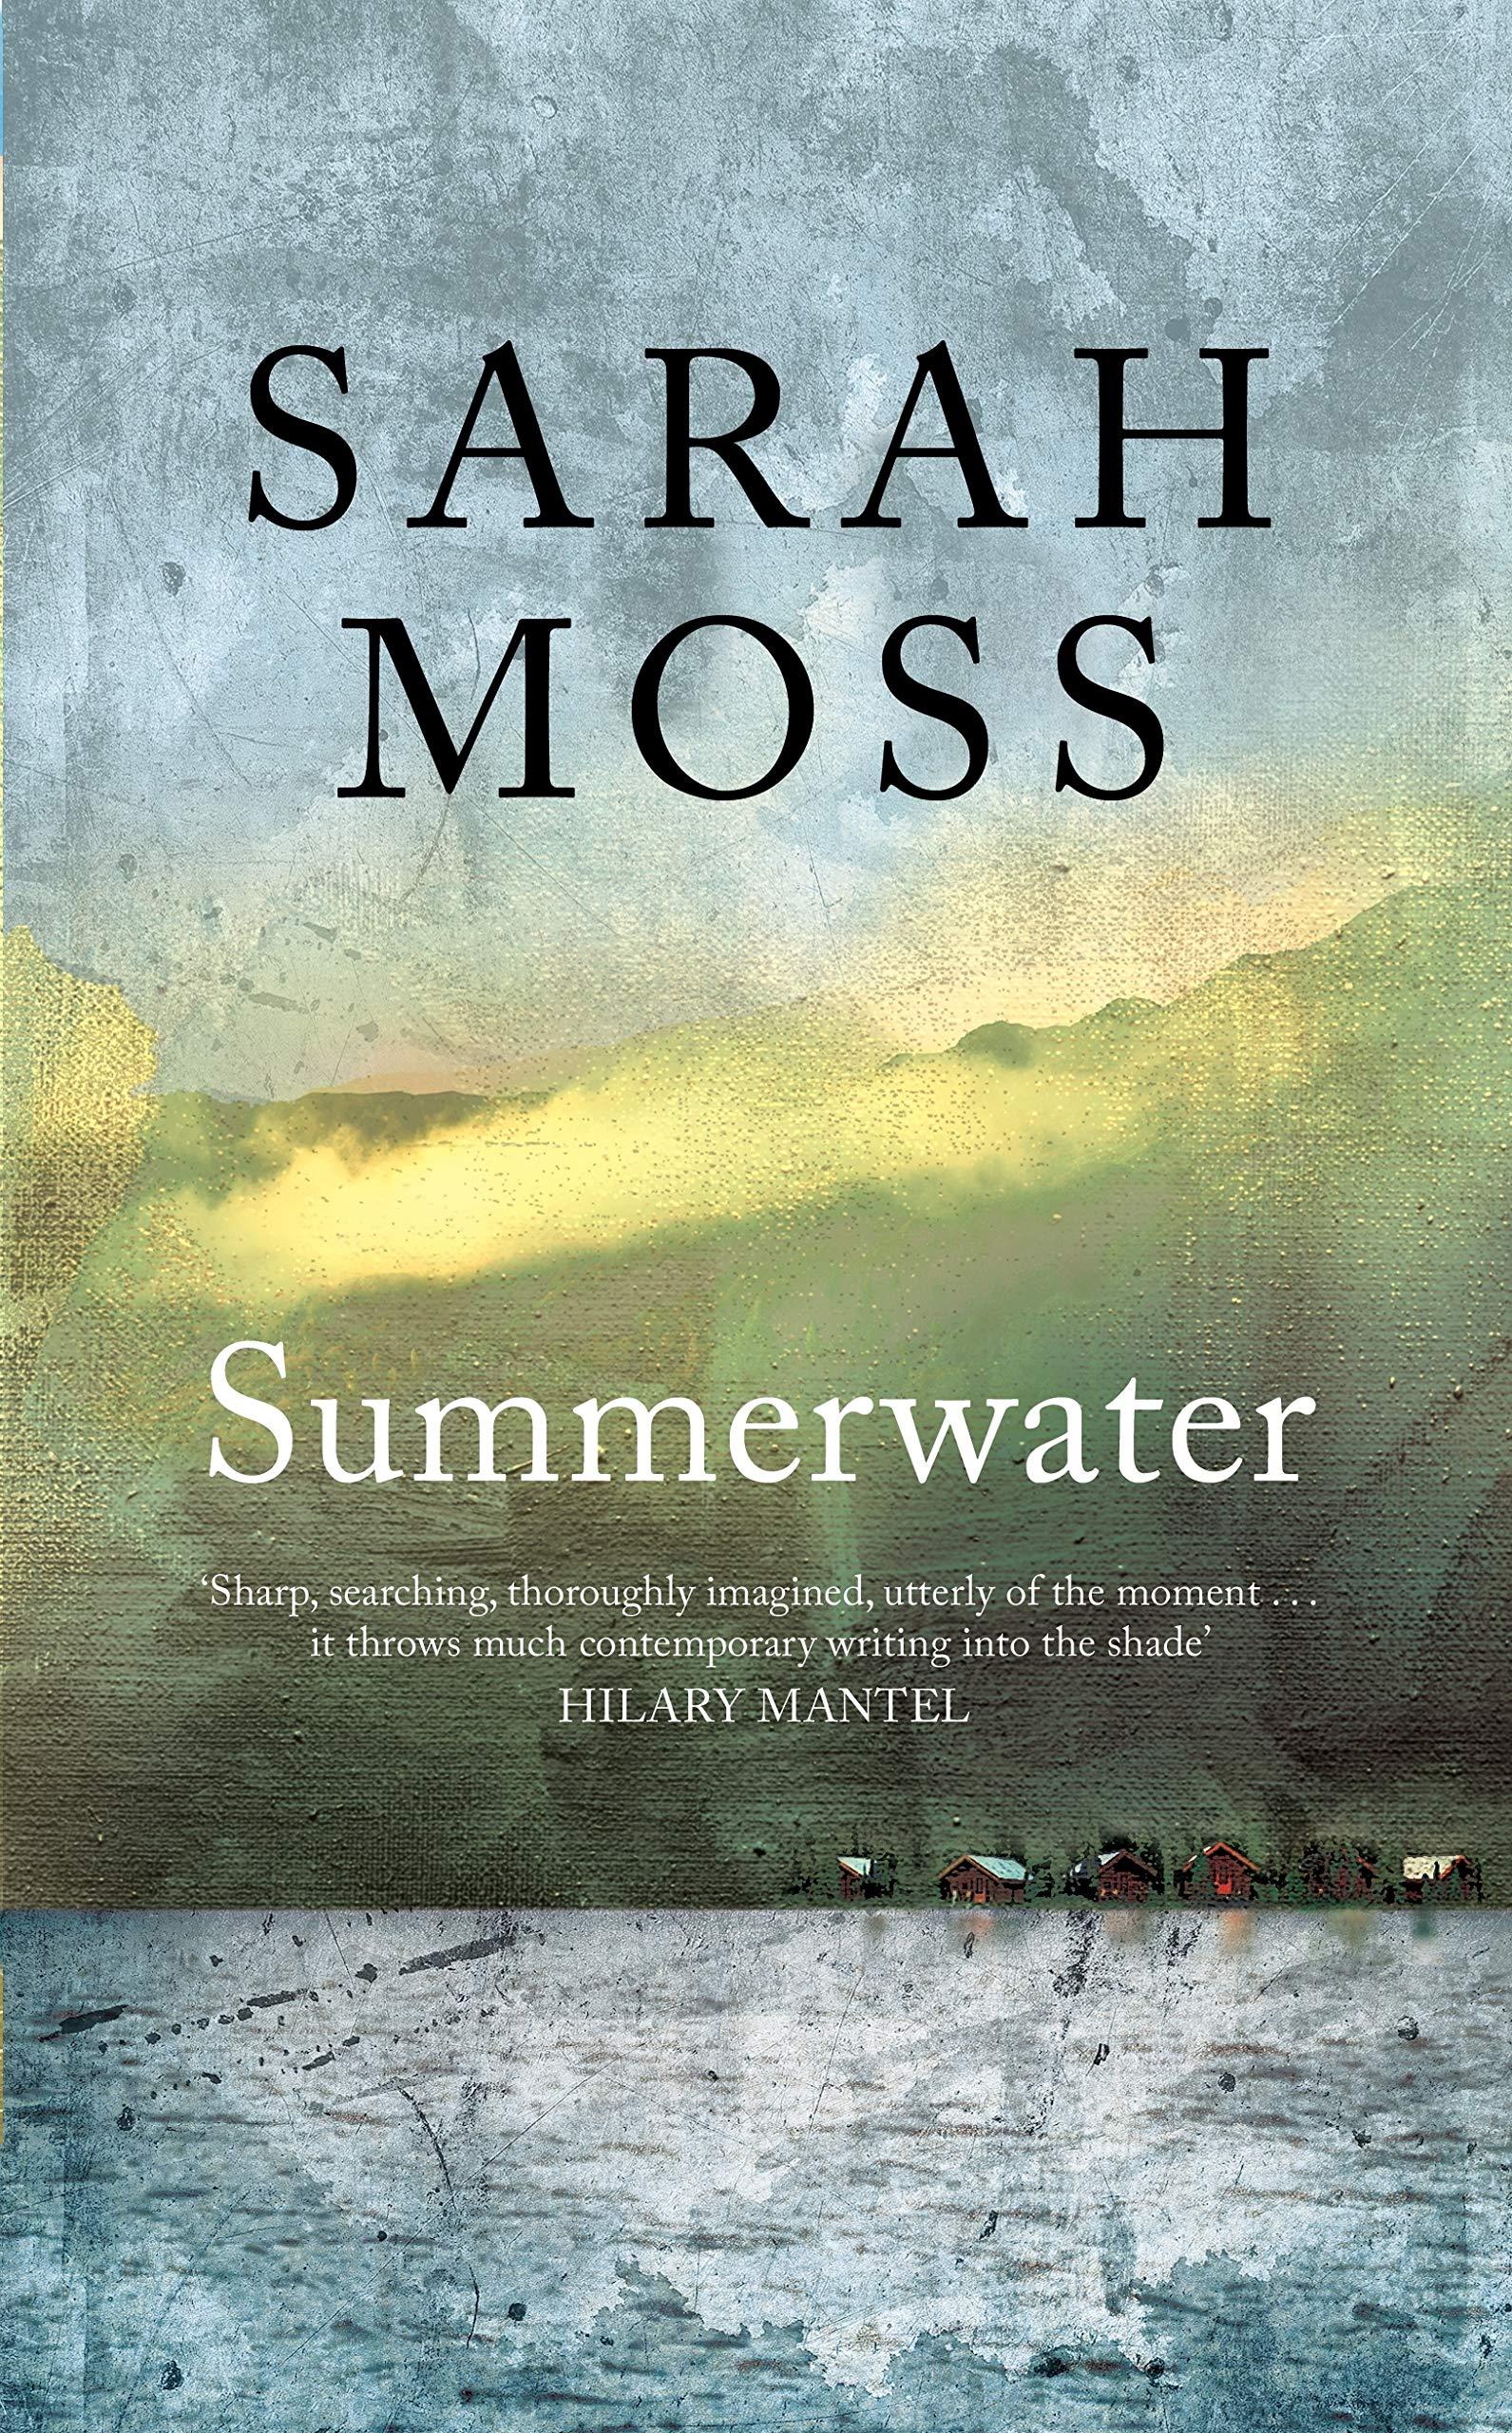 Summerwater: Amazon.co.uk: Moss, Sarah: 9781529035438: Books